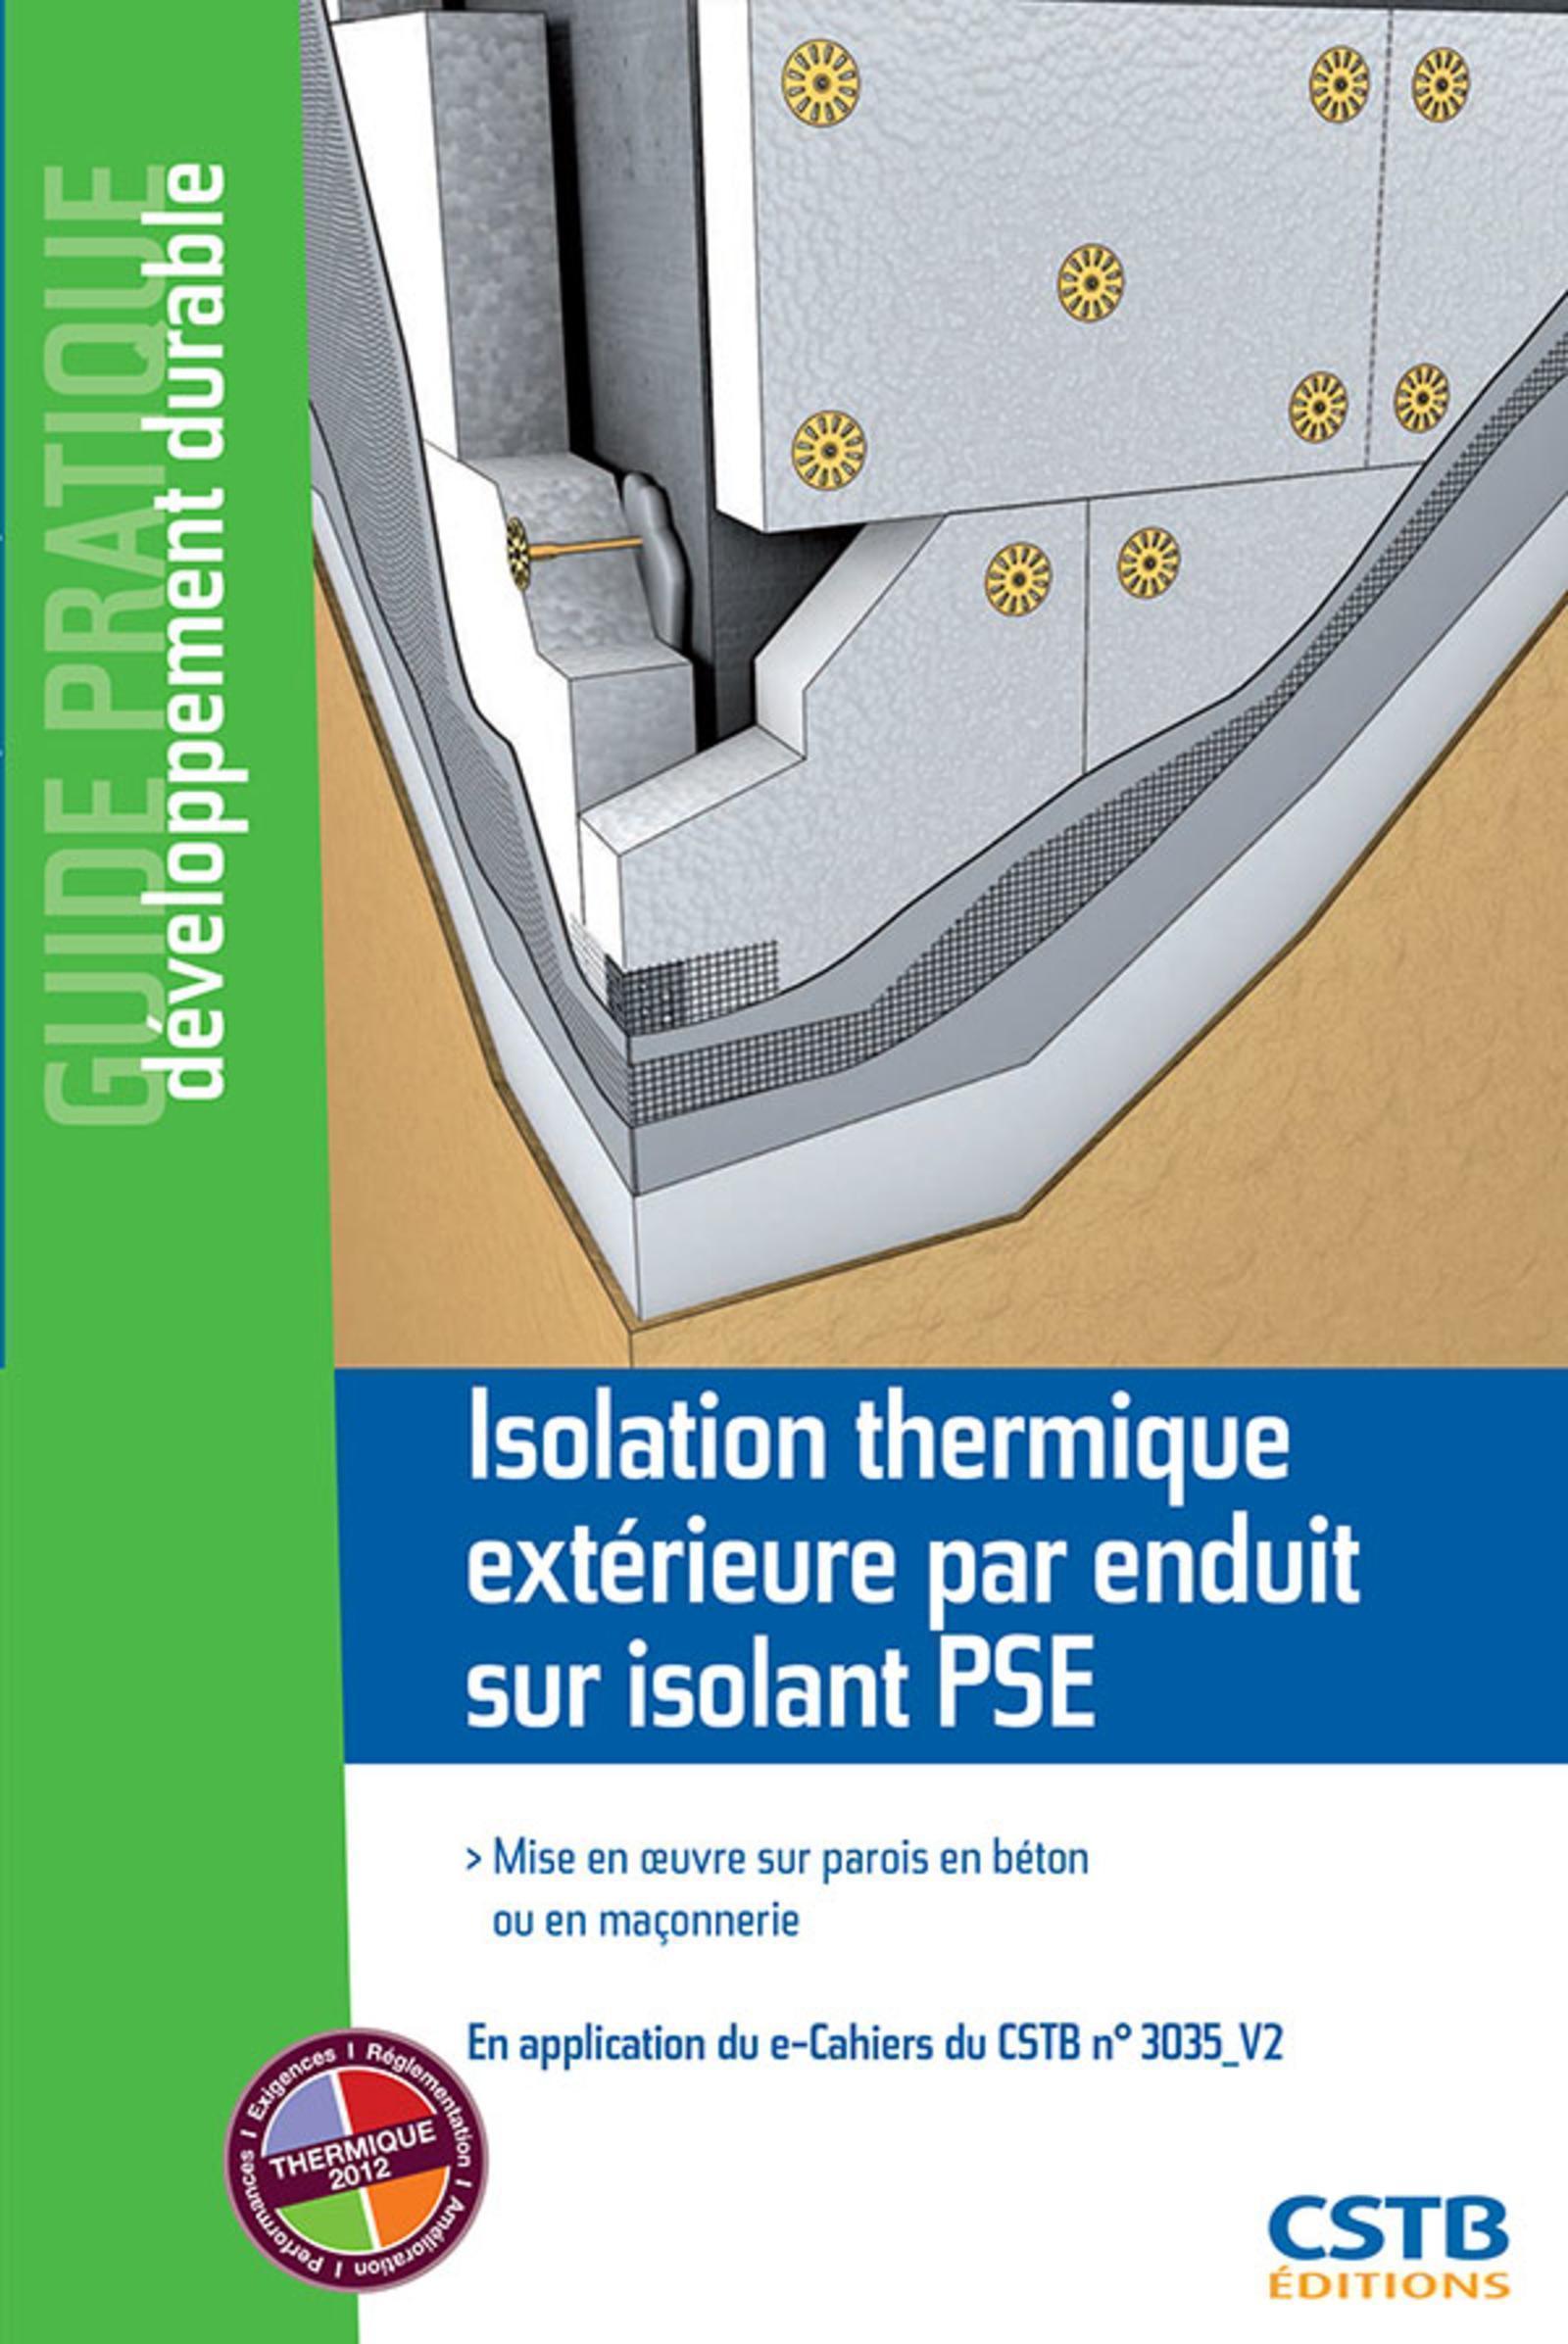 ISOLATION THERMIQUE EXTERIEURE PAR ENDUIT SUR ISOLANT PSE MISE EN OEUVRE SUR PAROIS EN BETON OU EN M